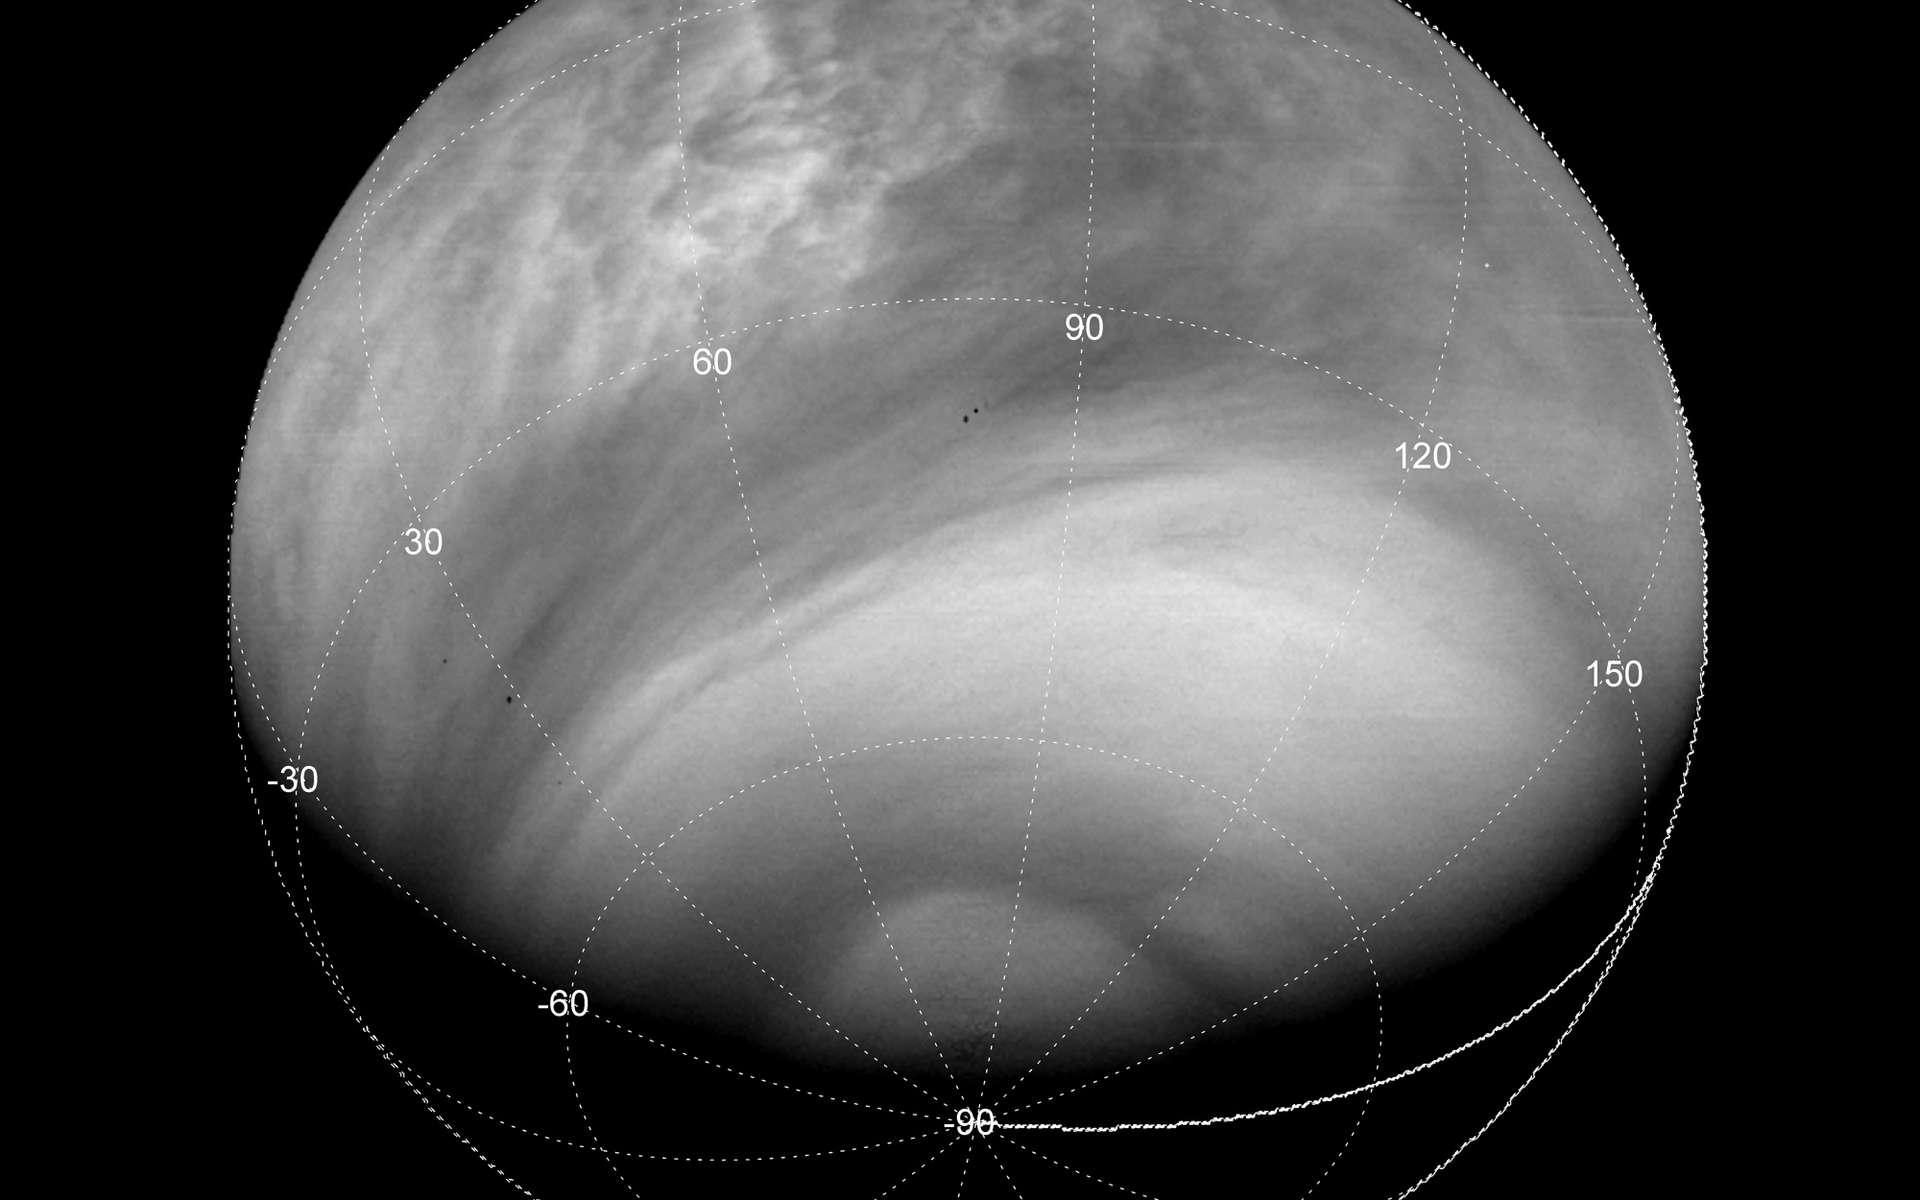 Vénus imagée par la caméra VMC de la sonde européenne Venus Express avec un filtre ultraviolet à 365 nm, à quelque 33.000 km de distance. Les détails visibles en UV se déplacent entre deux images successives, ce qui permet de mesurer la vitesse du vent, principalement orientée d'est en ouest (de droite à gauche sur l'image). © Esa